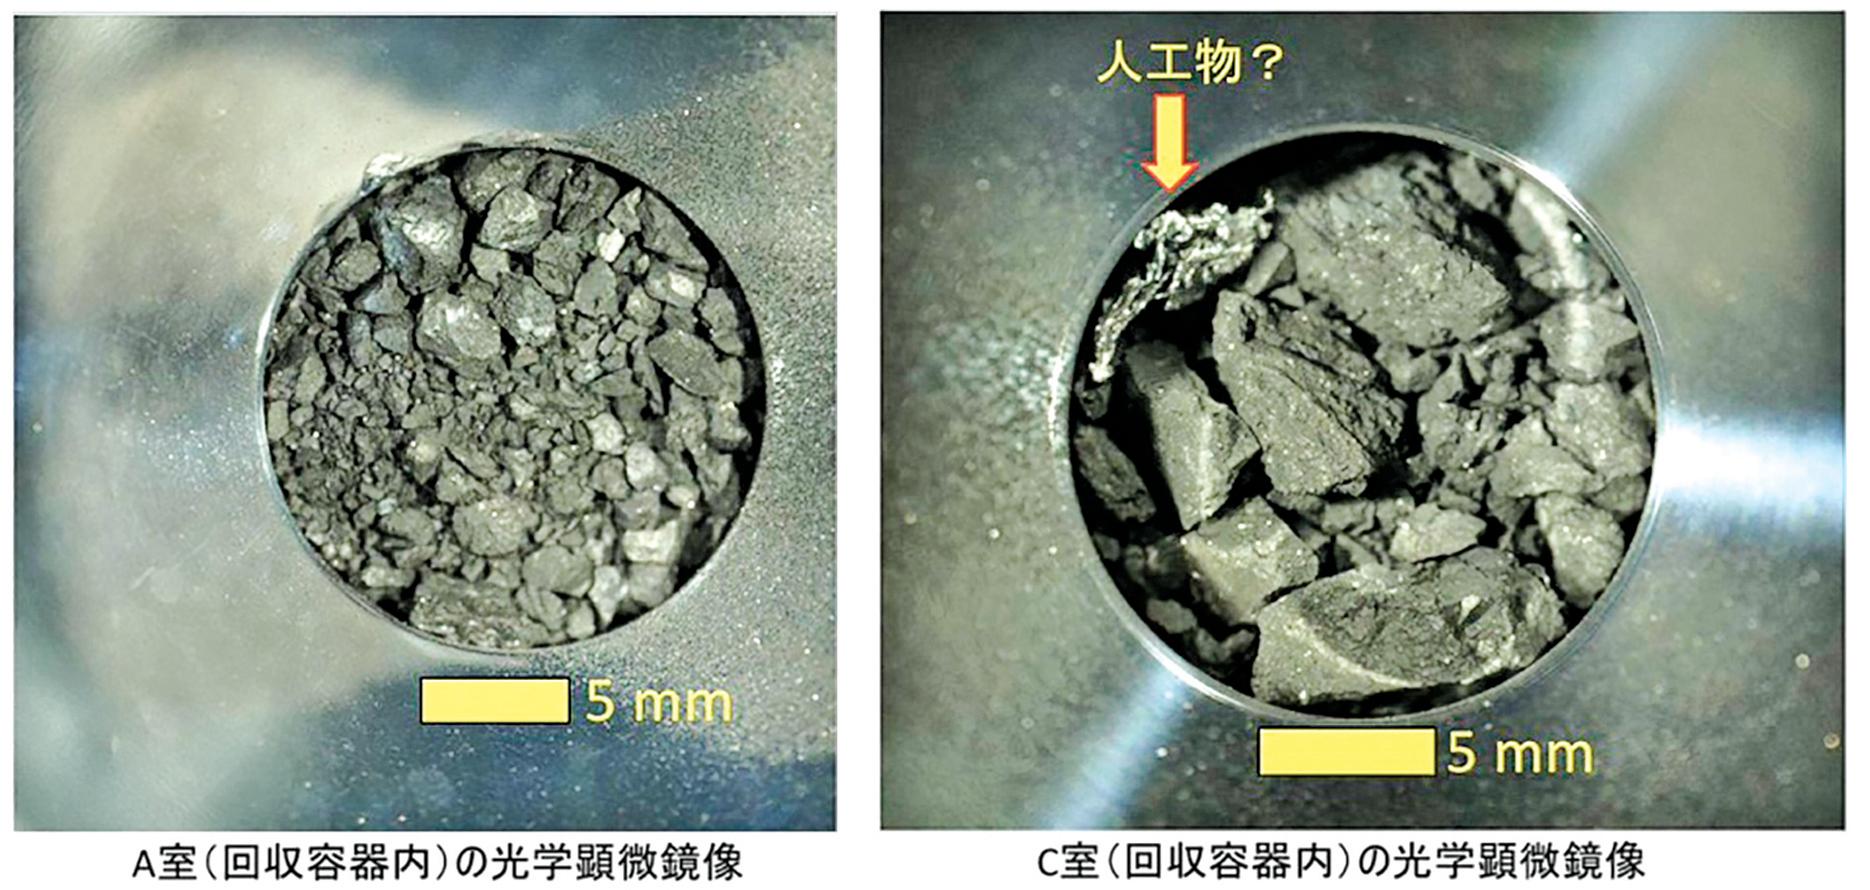 日本宇航研發局發布的樣品密封艙A(左圖)和C(右圖)開封後的照片。(JAXA)